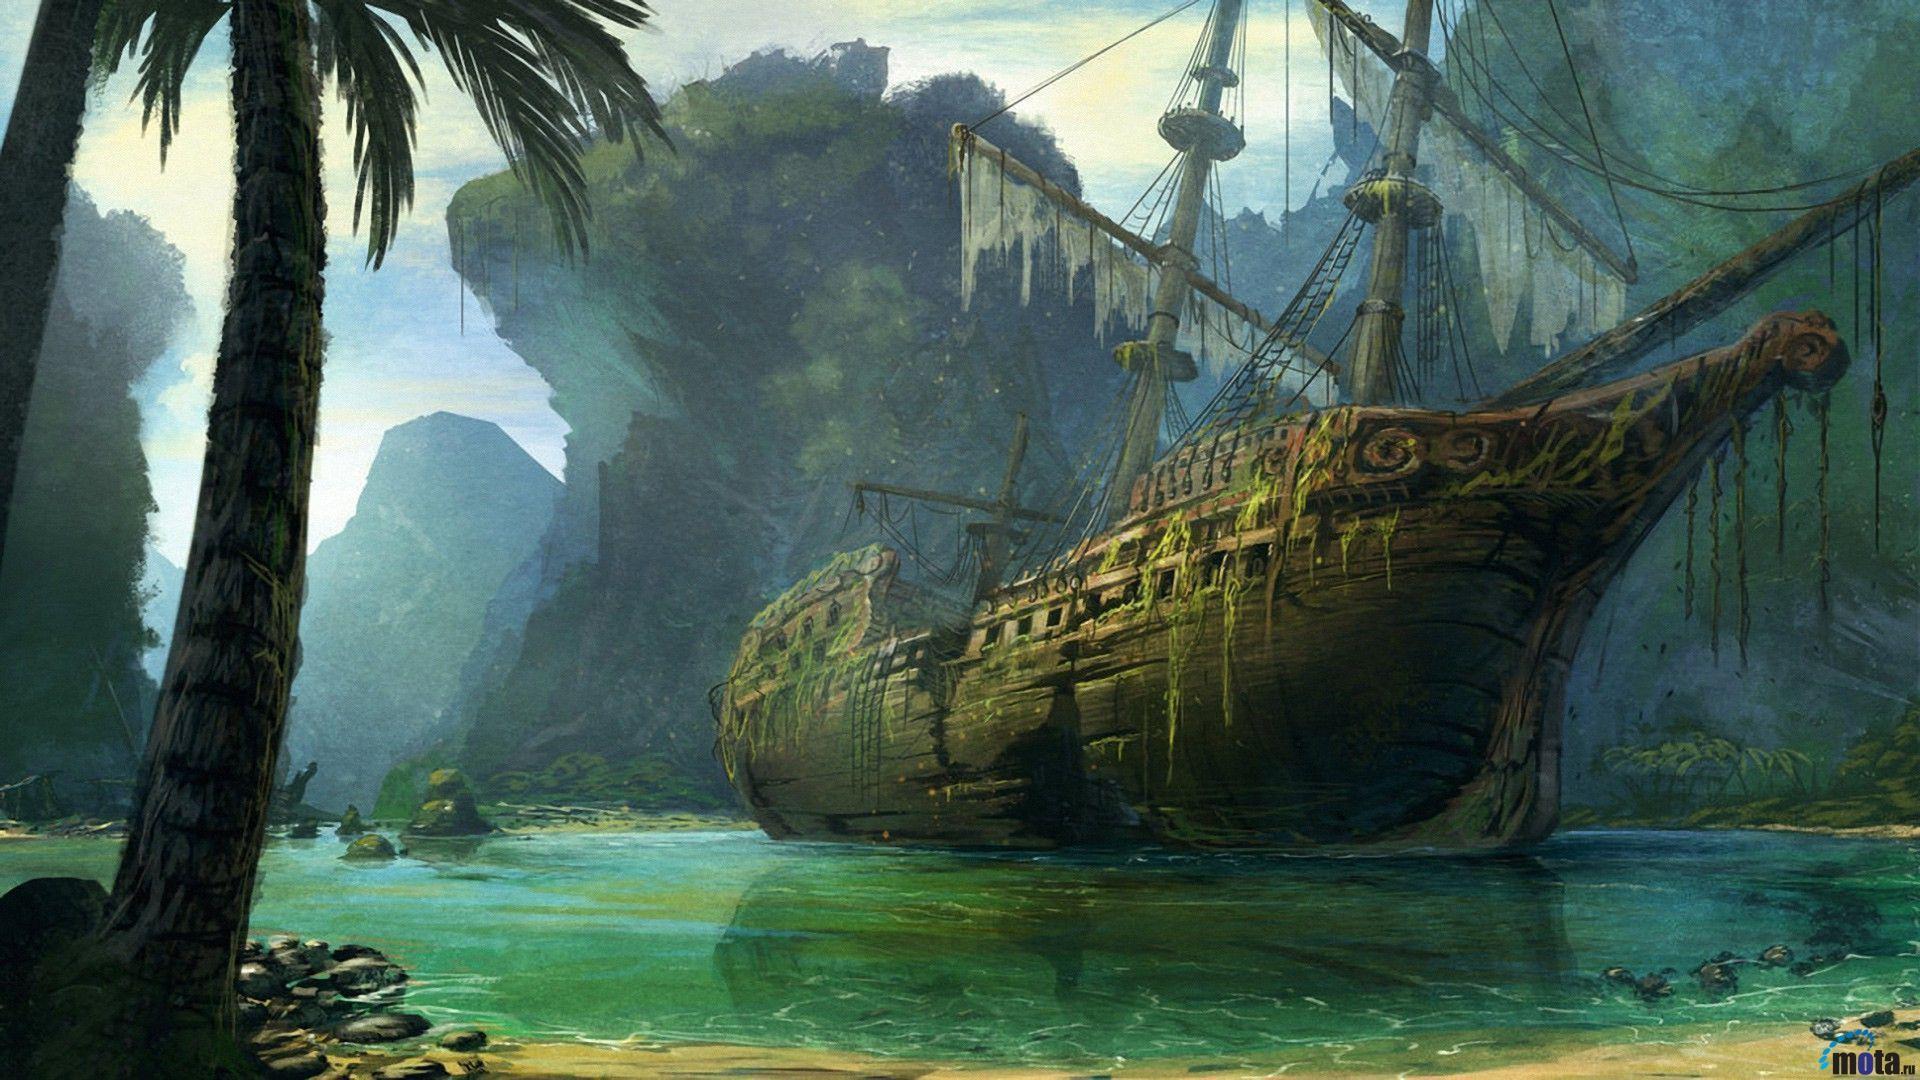 Download Pirate Ship Wallpaper Widescreen #7tgz > Mbuh.xyz